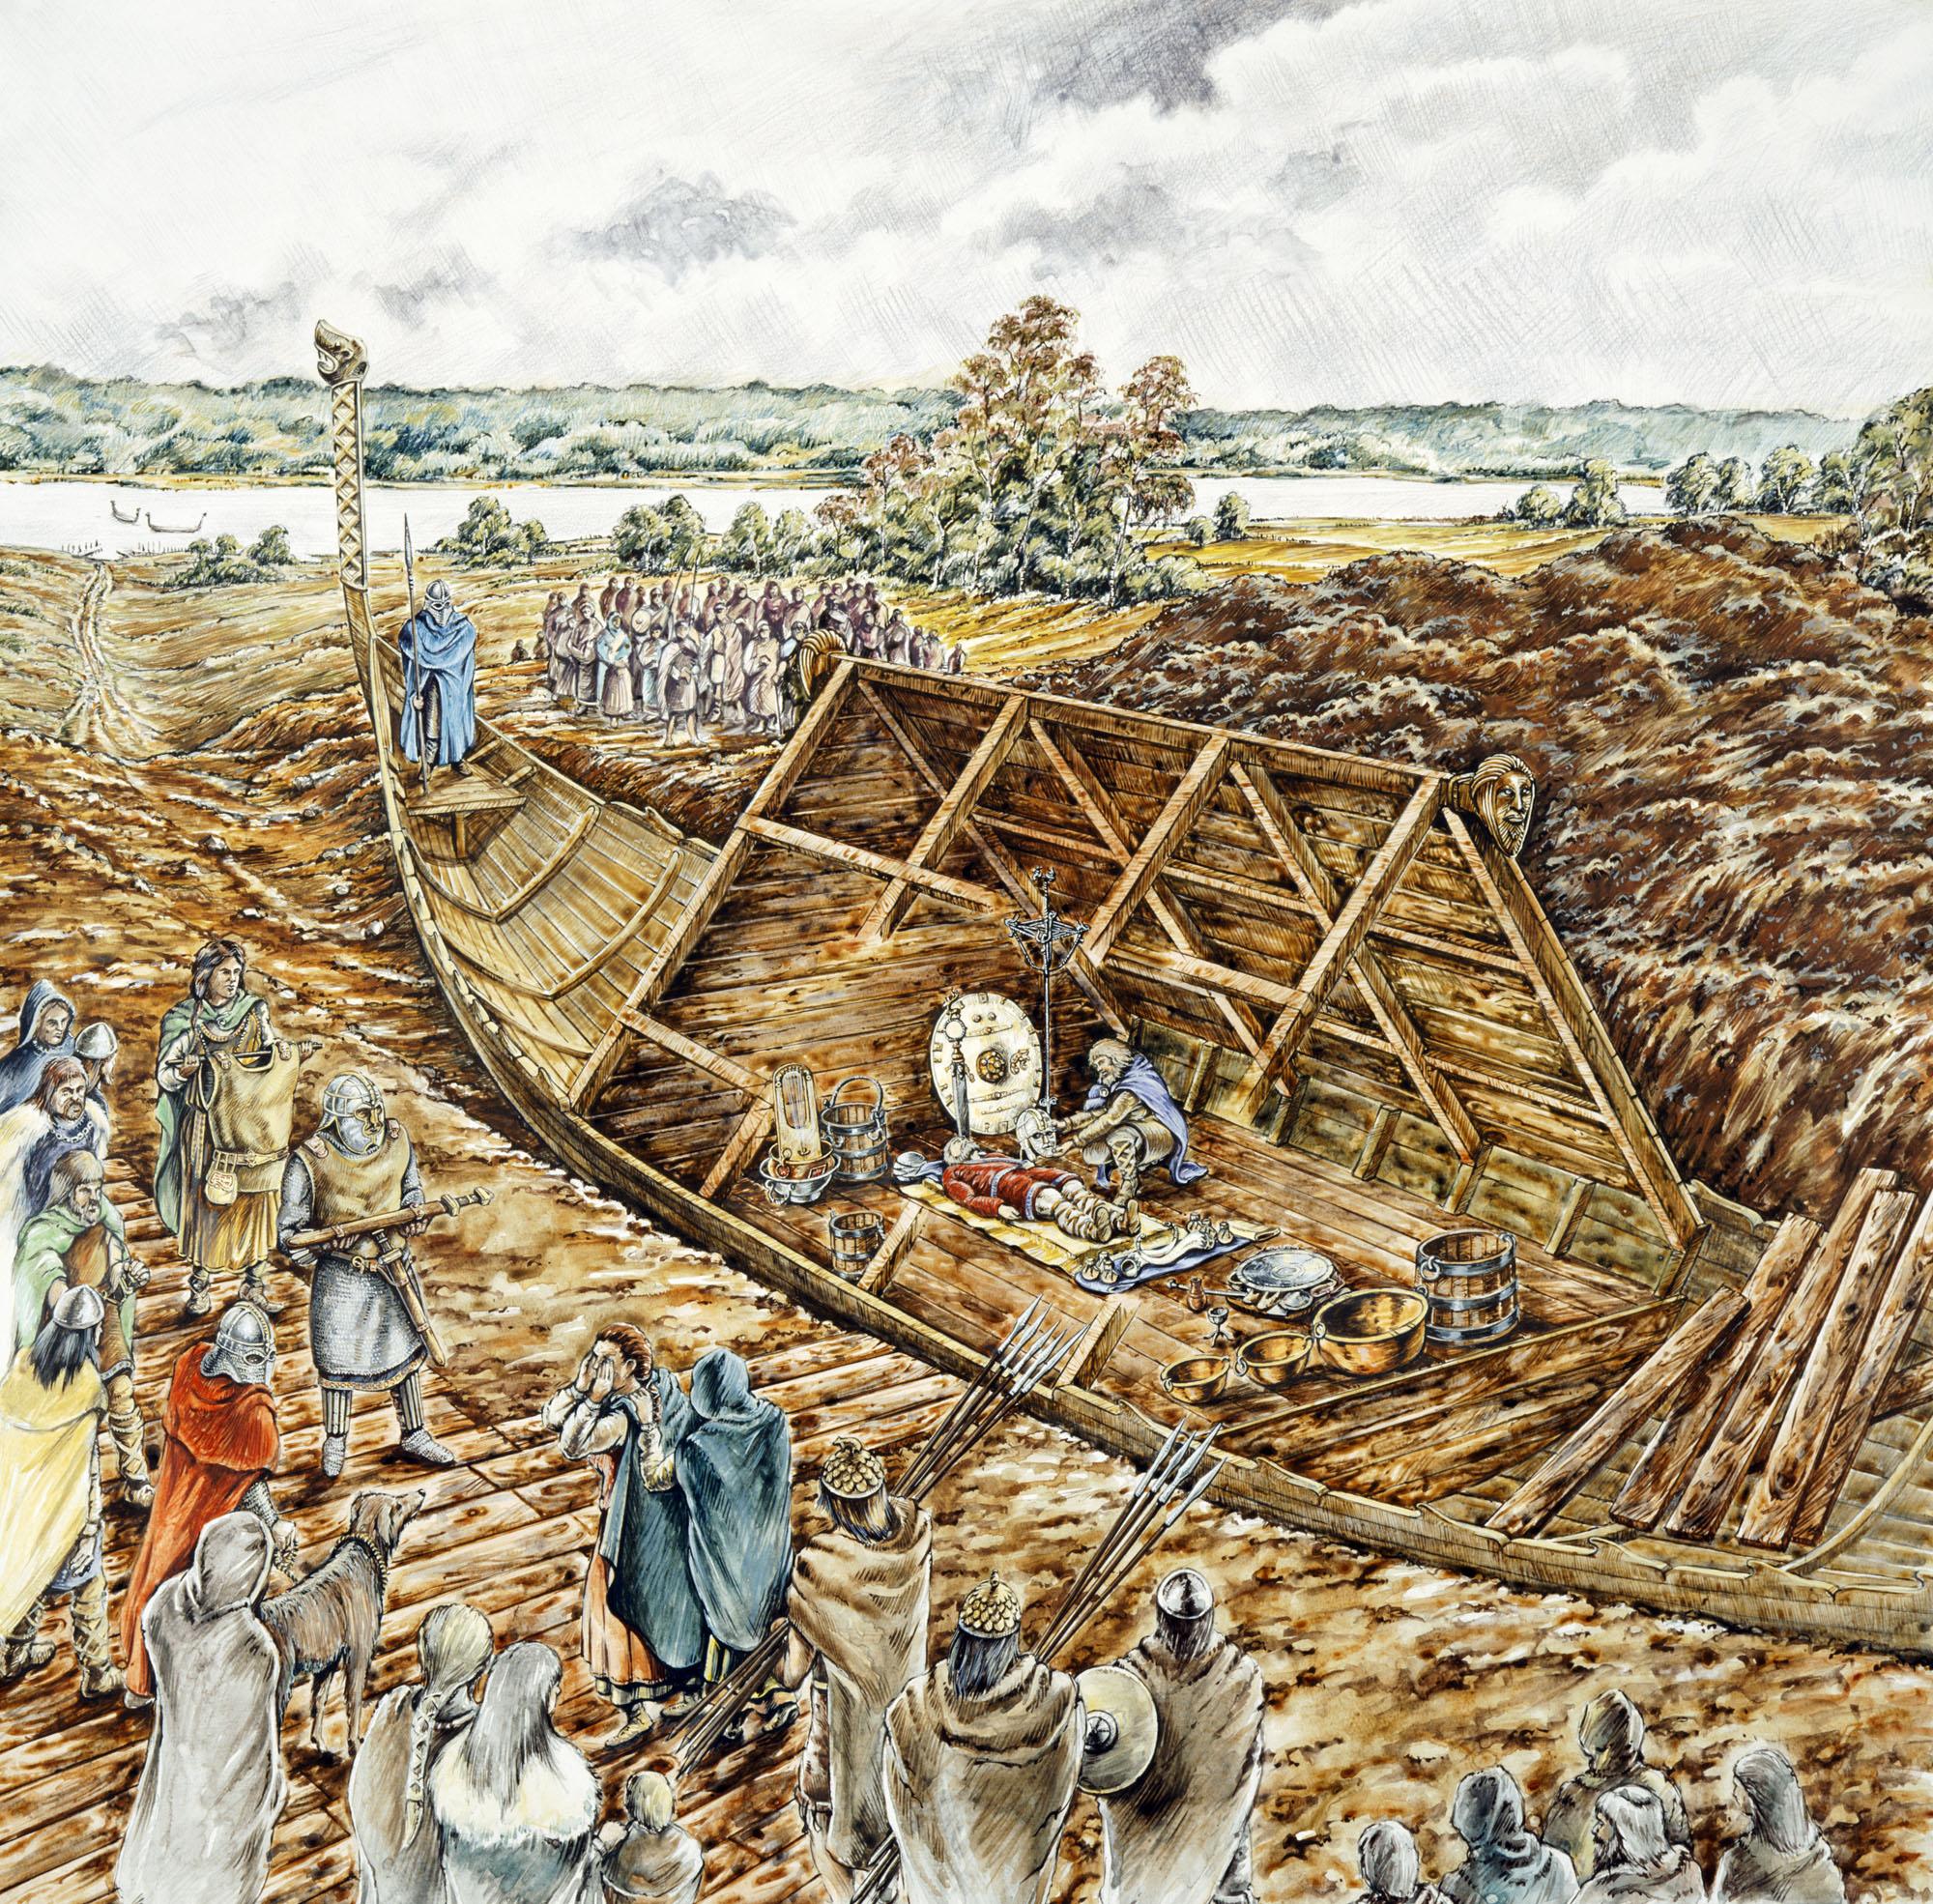 Dans ce dessin de reconstitution, l'enterrement du navire Sutton Hoo contient une multitude d'artefacts anglo-saxons et le corps de ce qui est probablement un roi d'East Anglia.